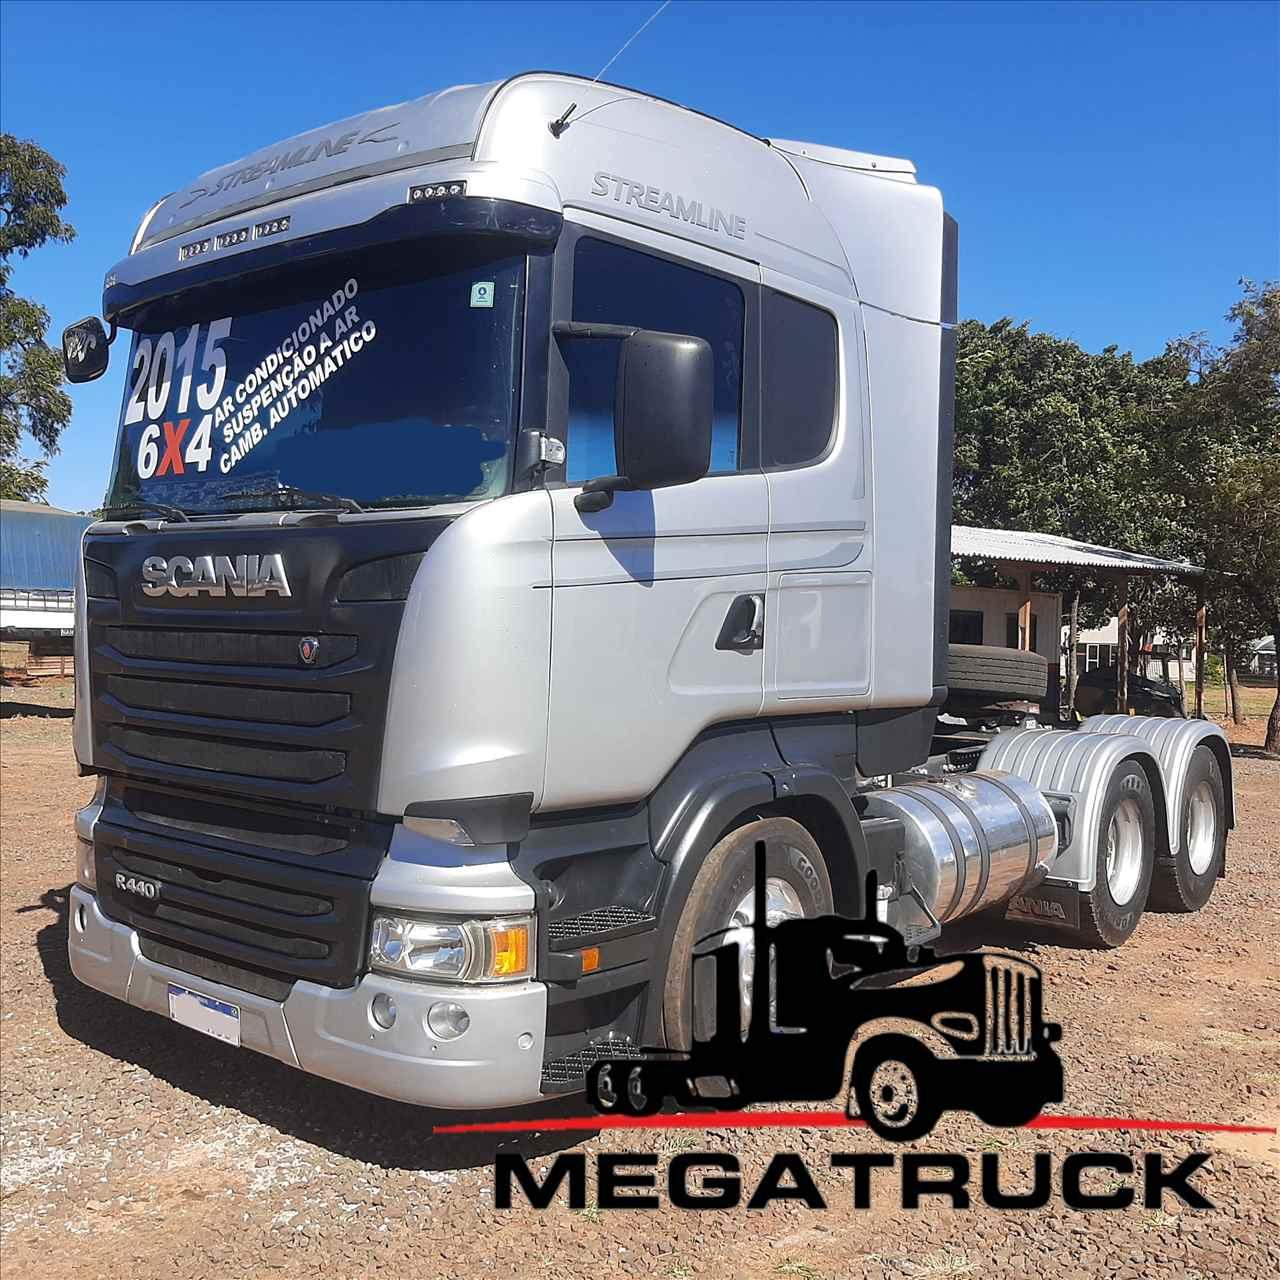 CAMINHAO SCANIA SCANIA 440 Cavalo Mecânico Traçado 6x4 Megatruck Caminhões e Máquinas CAMPO GRANDE MATO GROSSO DO SUL MS